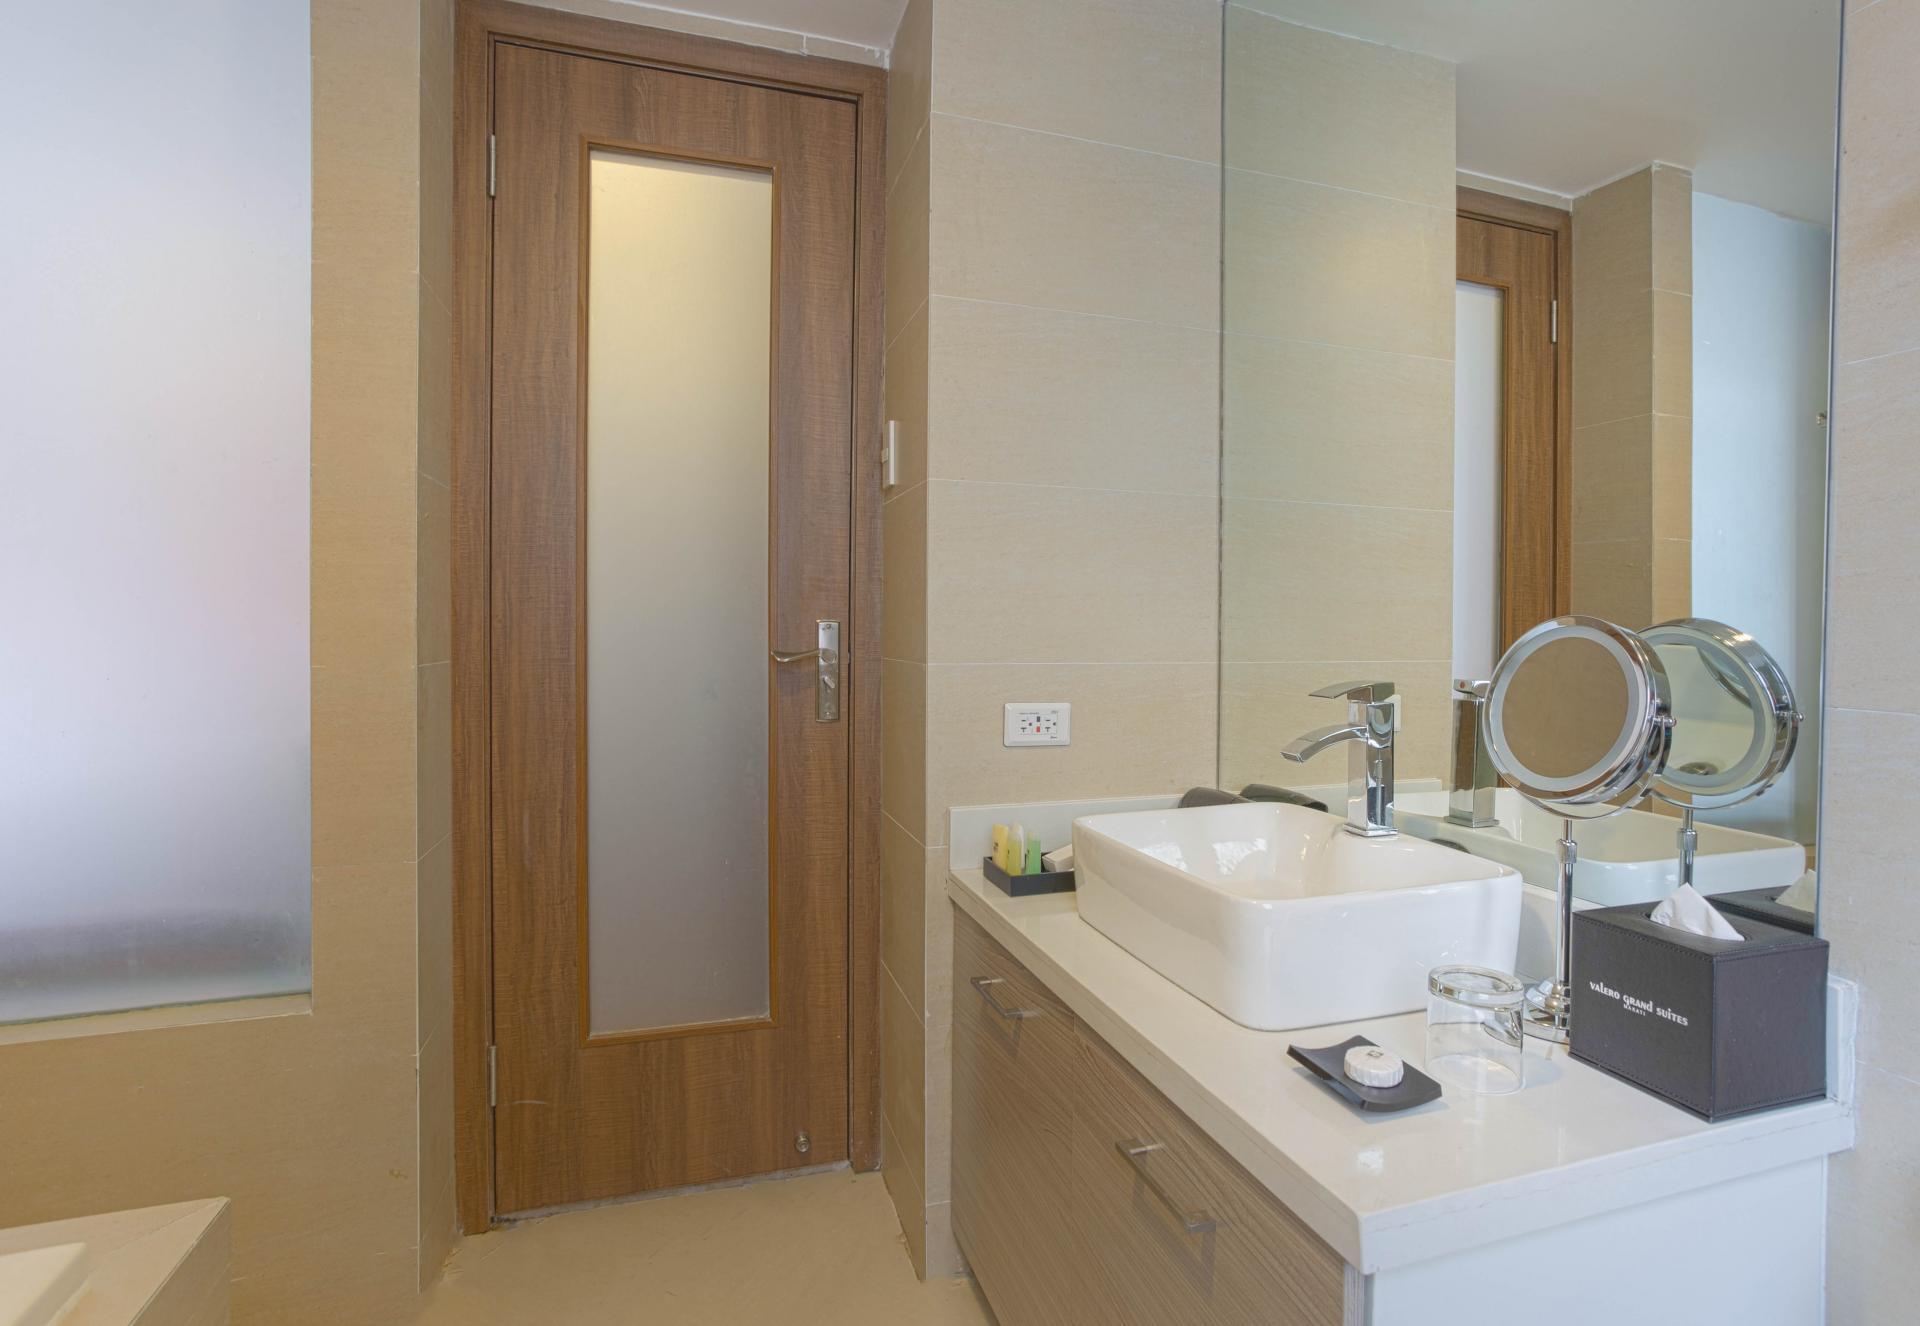 Bathroom at Valero Grand Suites